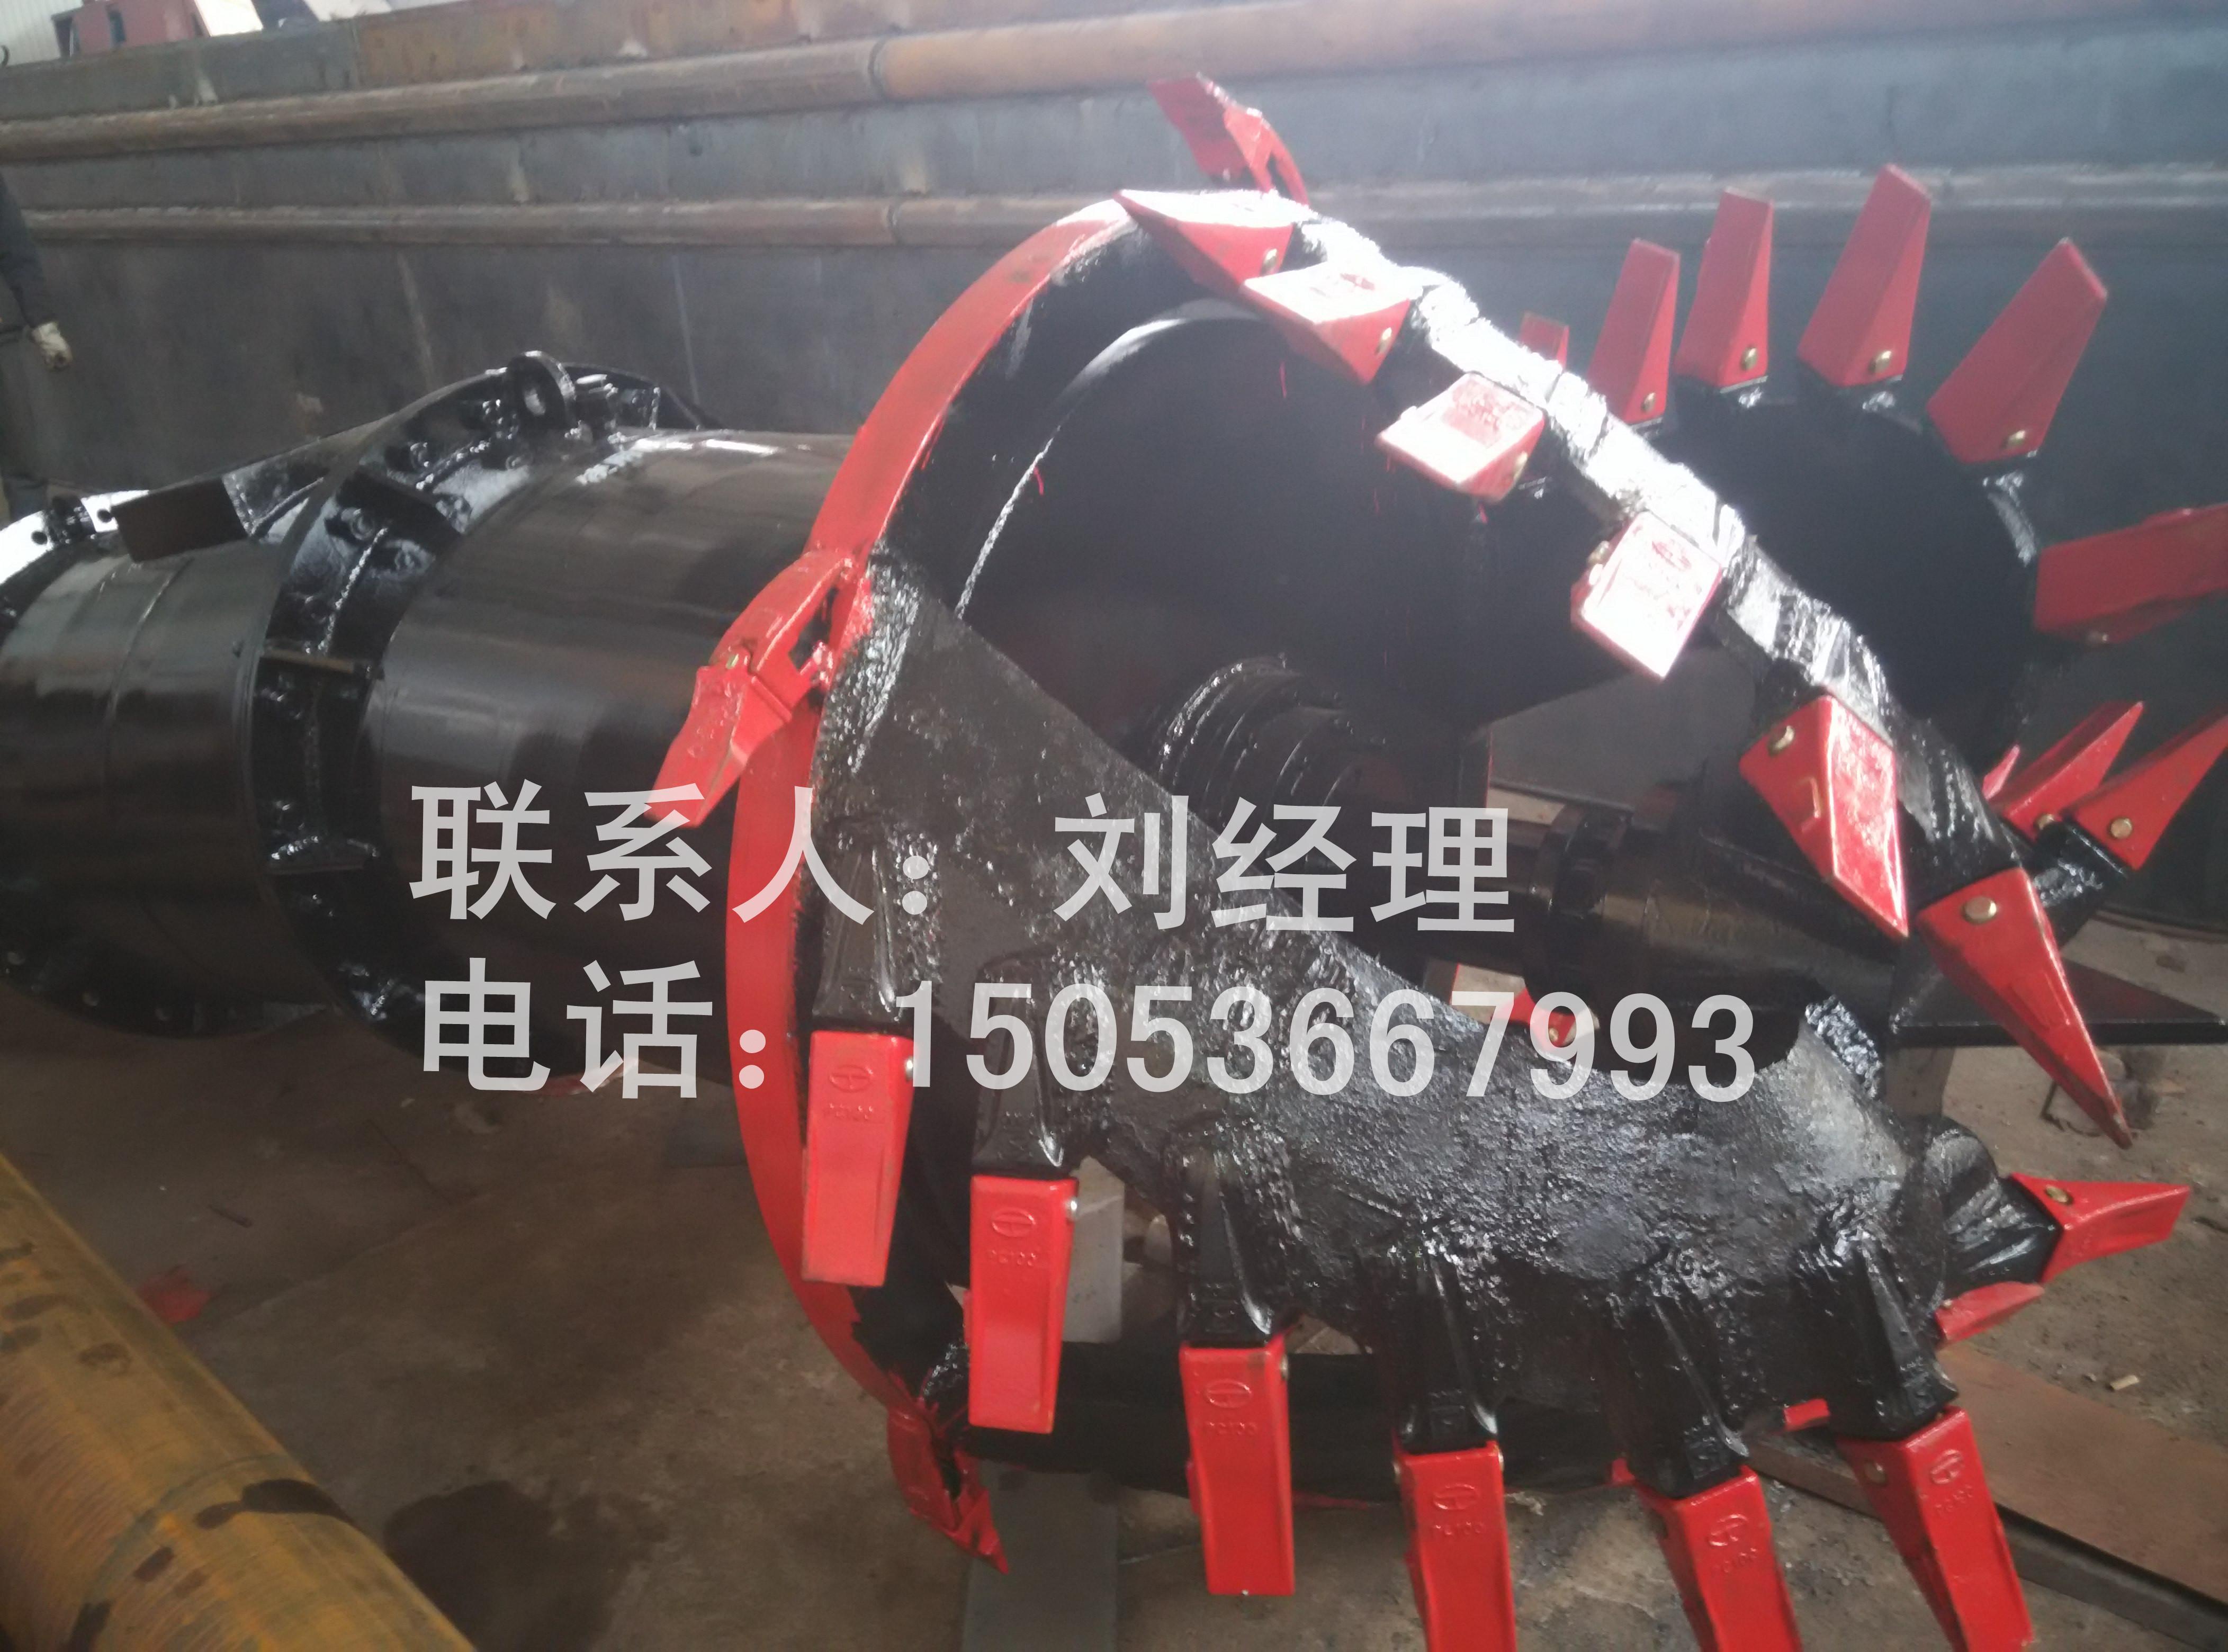 北京絞吸清淤船鉸刀-價位合理的絞吸清淤船鉸刀供應